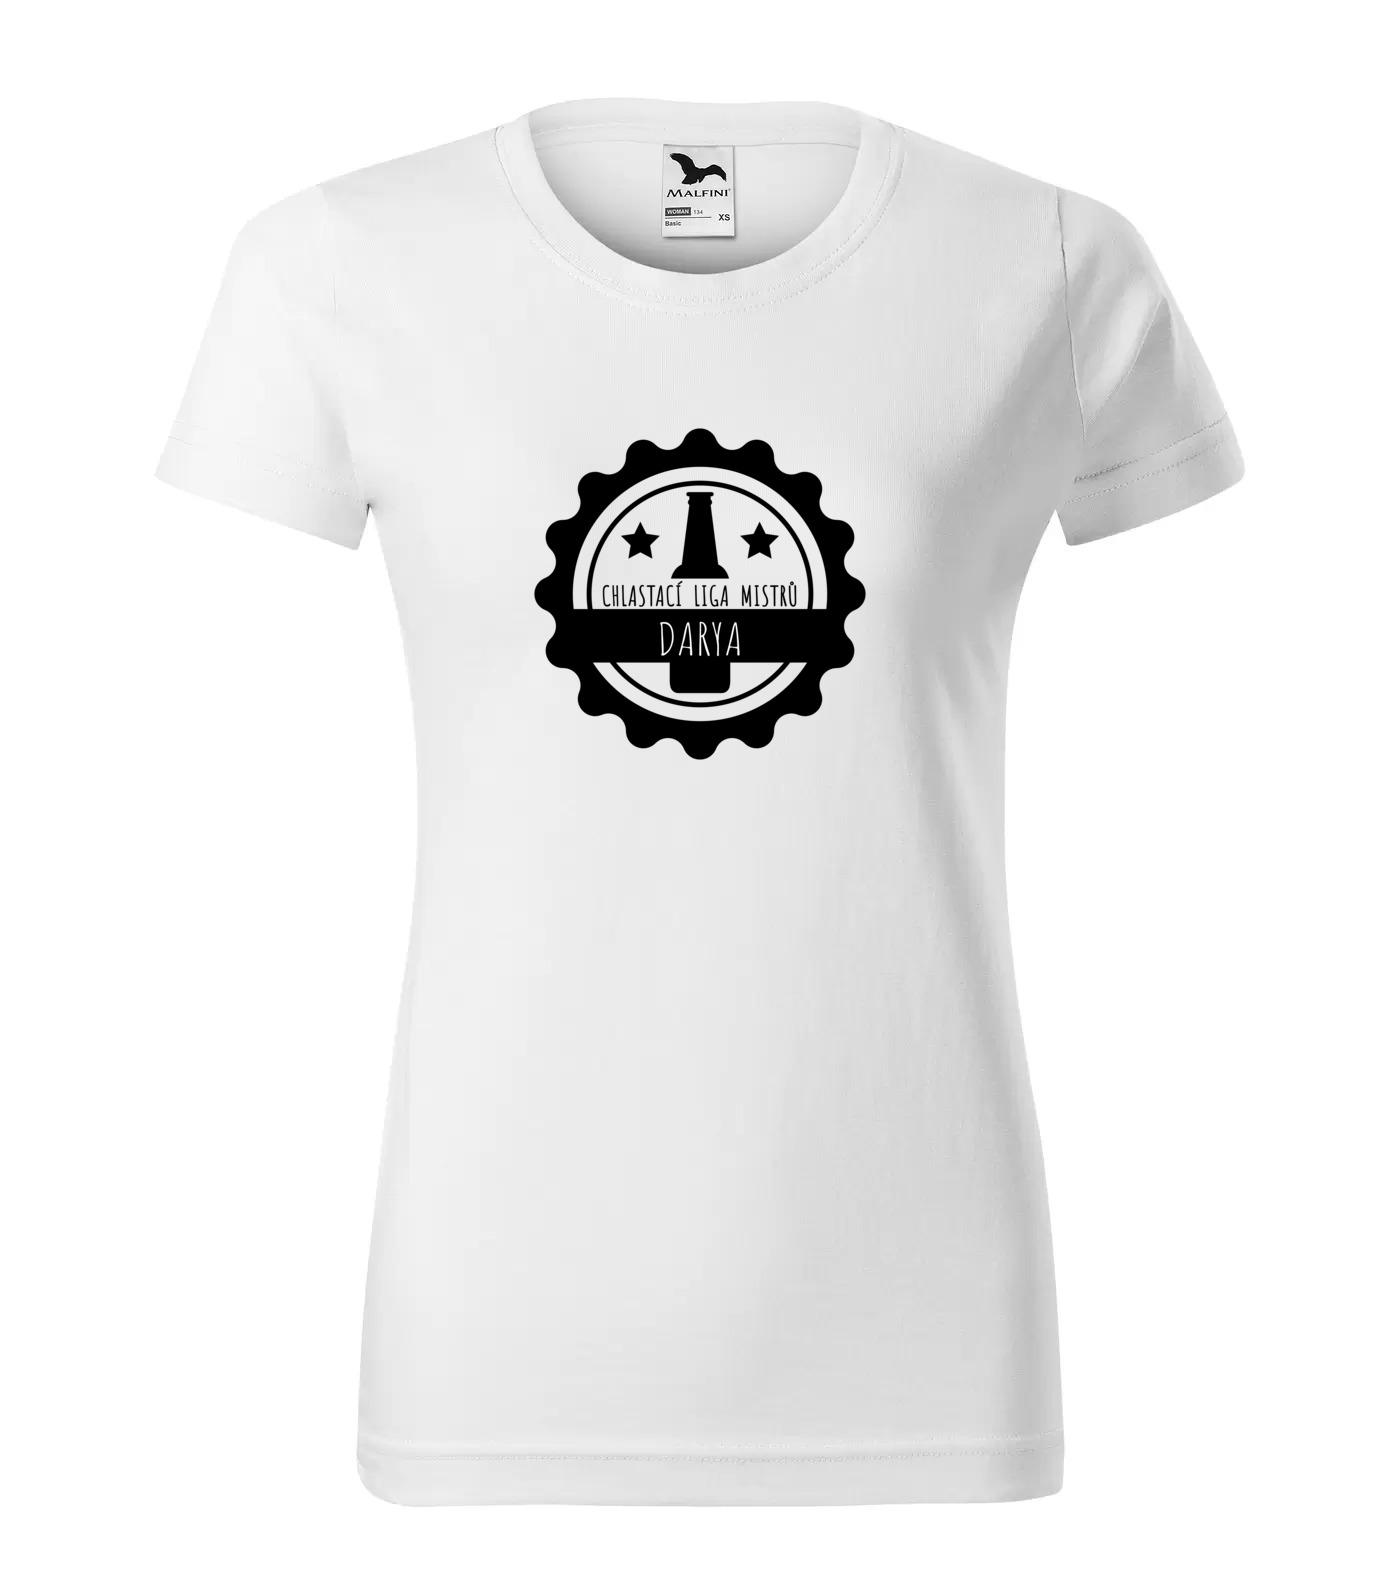 Tričko Chlastací liga žen Darya